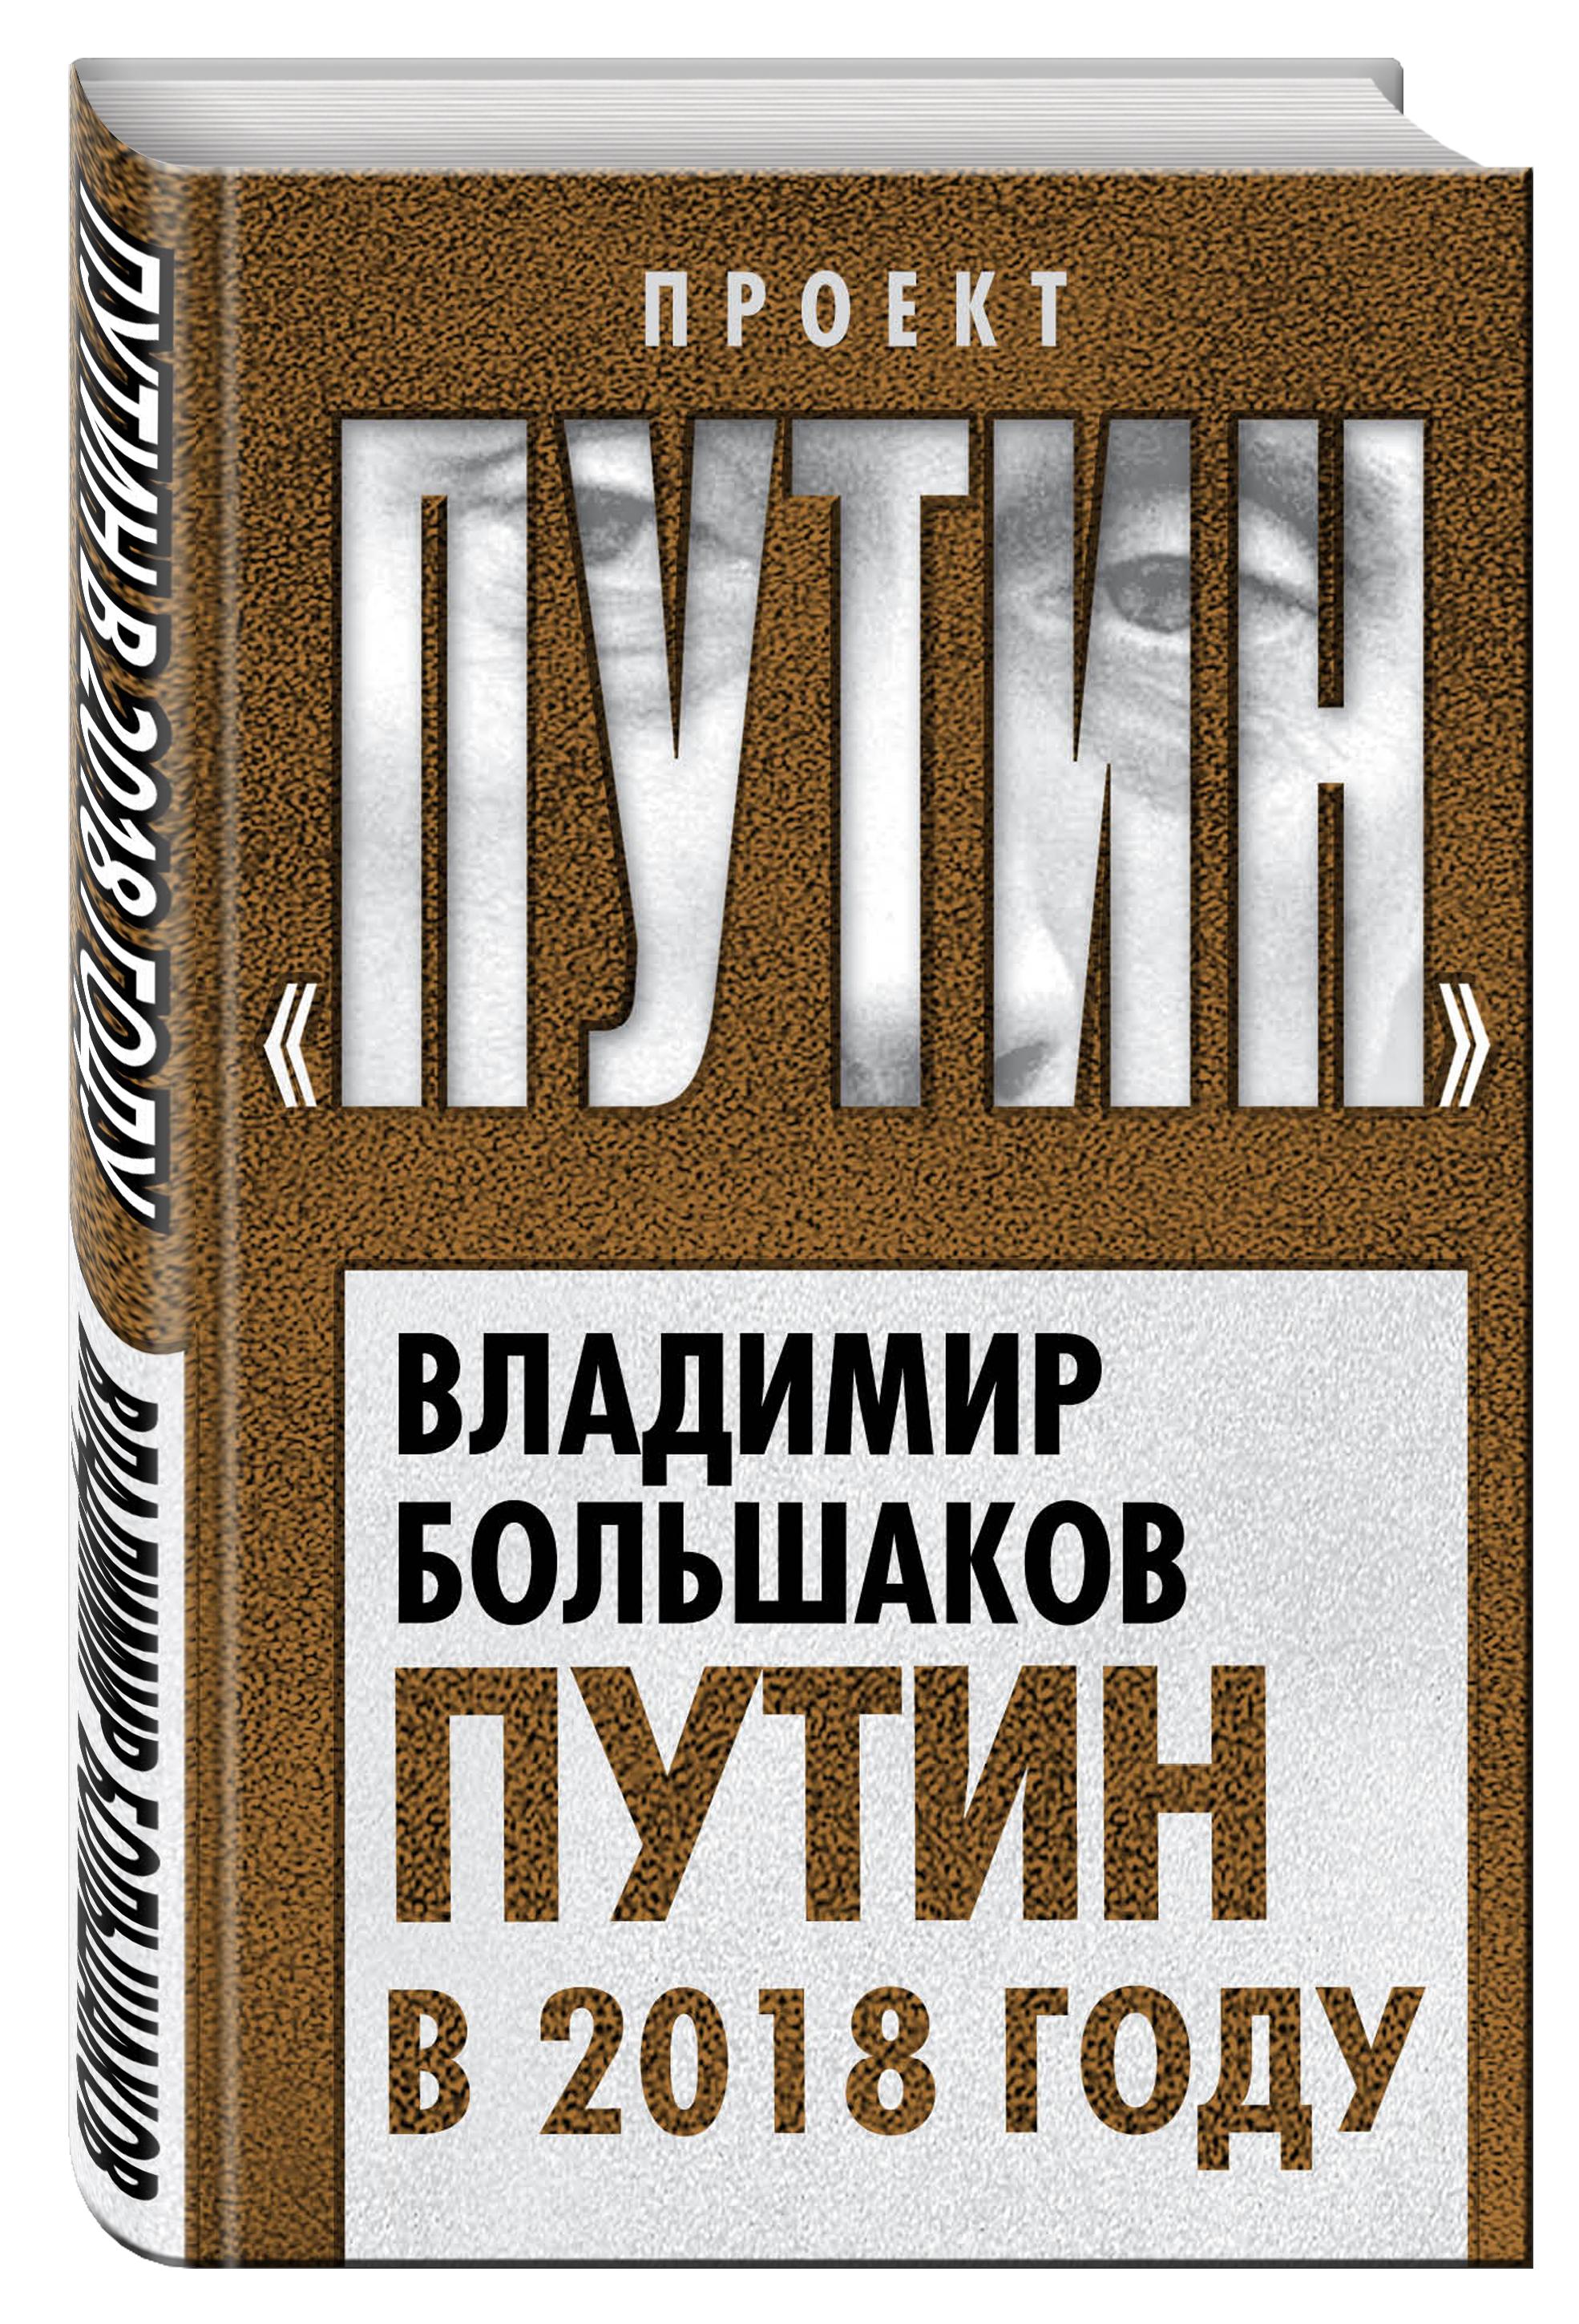 Путин в 2018 году ( Большаков Владимир Викторович  )